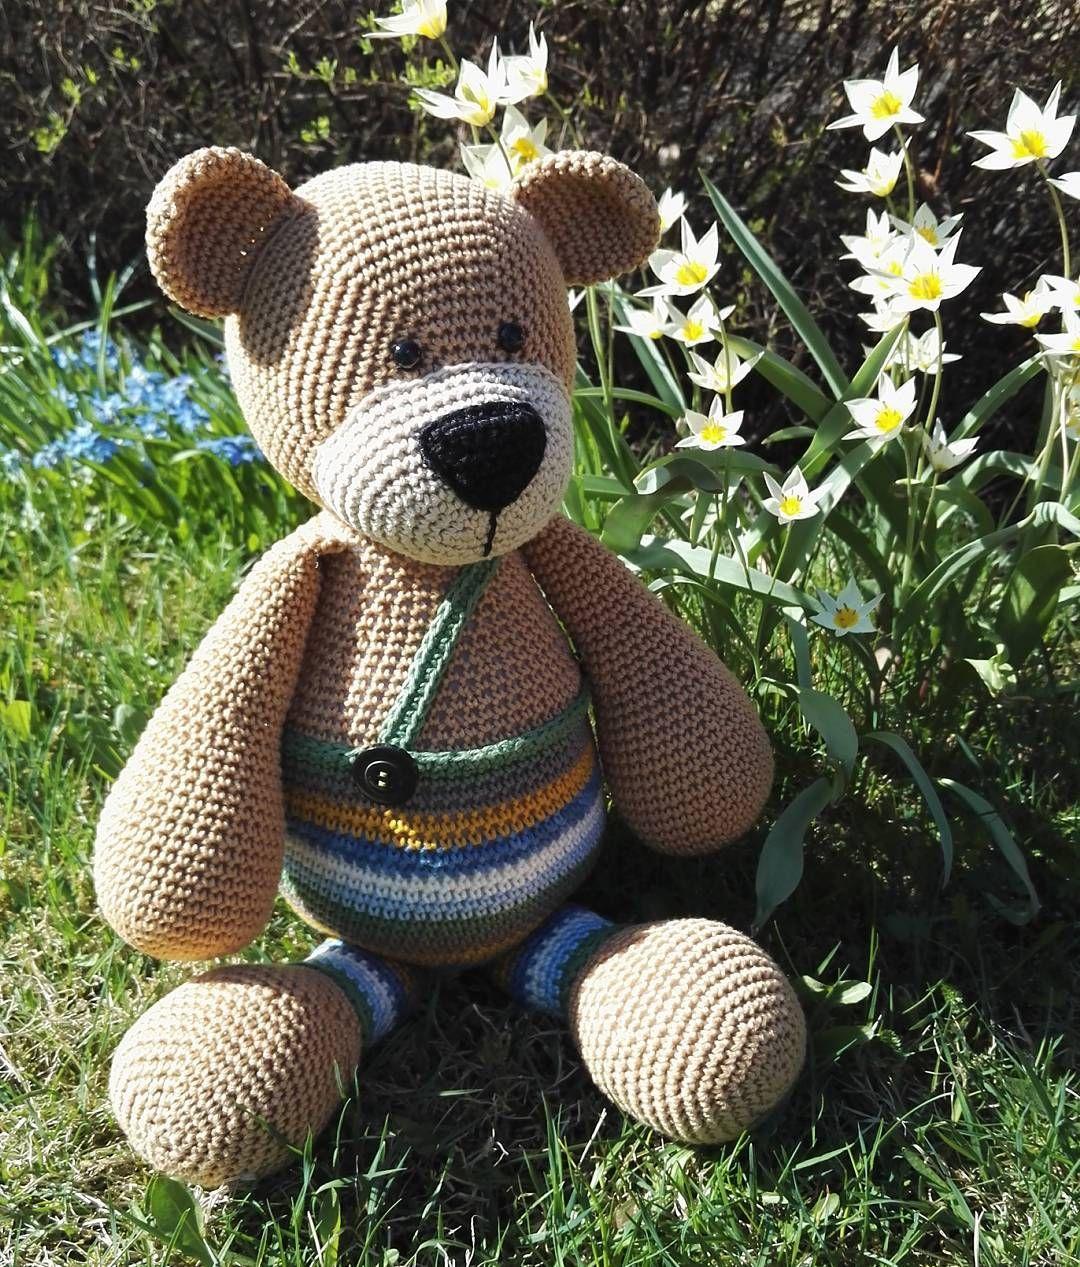 Good morning! It's a new week again. Sun is shining and the nature has awakened. #amigurumi #amigurumiteddy #teddybear #stipenhaak #crocheting #haken #virka #virkattu #virkattunalle #maanantaiaamu #ihanaaurinko #alkukesää #luontoherää by amigurumipaja